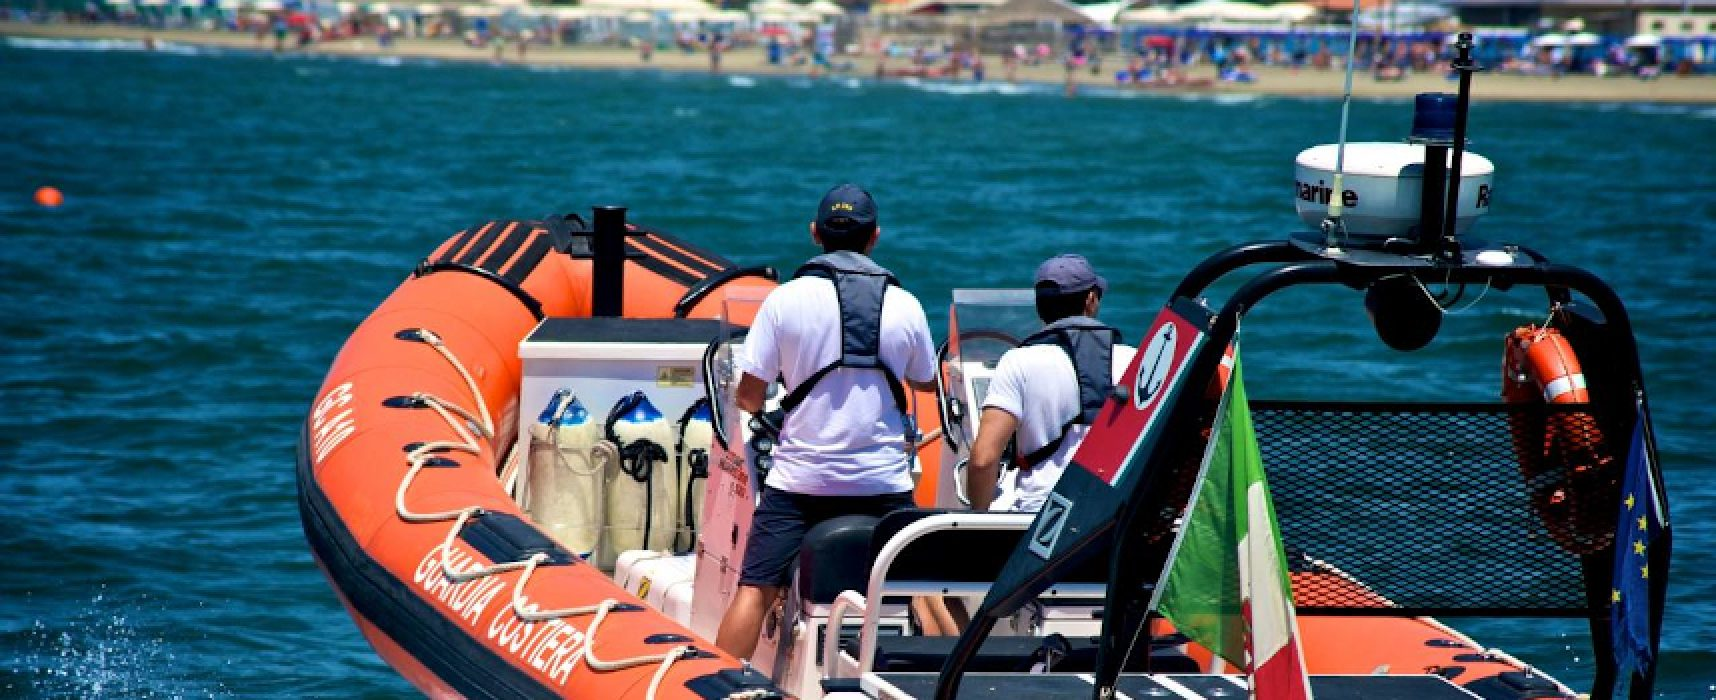 """Operazione """"Mare Sicuro 2020"""", Guardia Costiera in prima linea per tutta l'estate"""